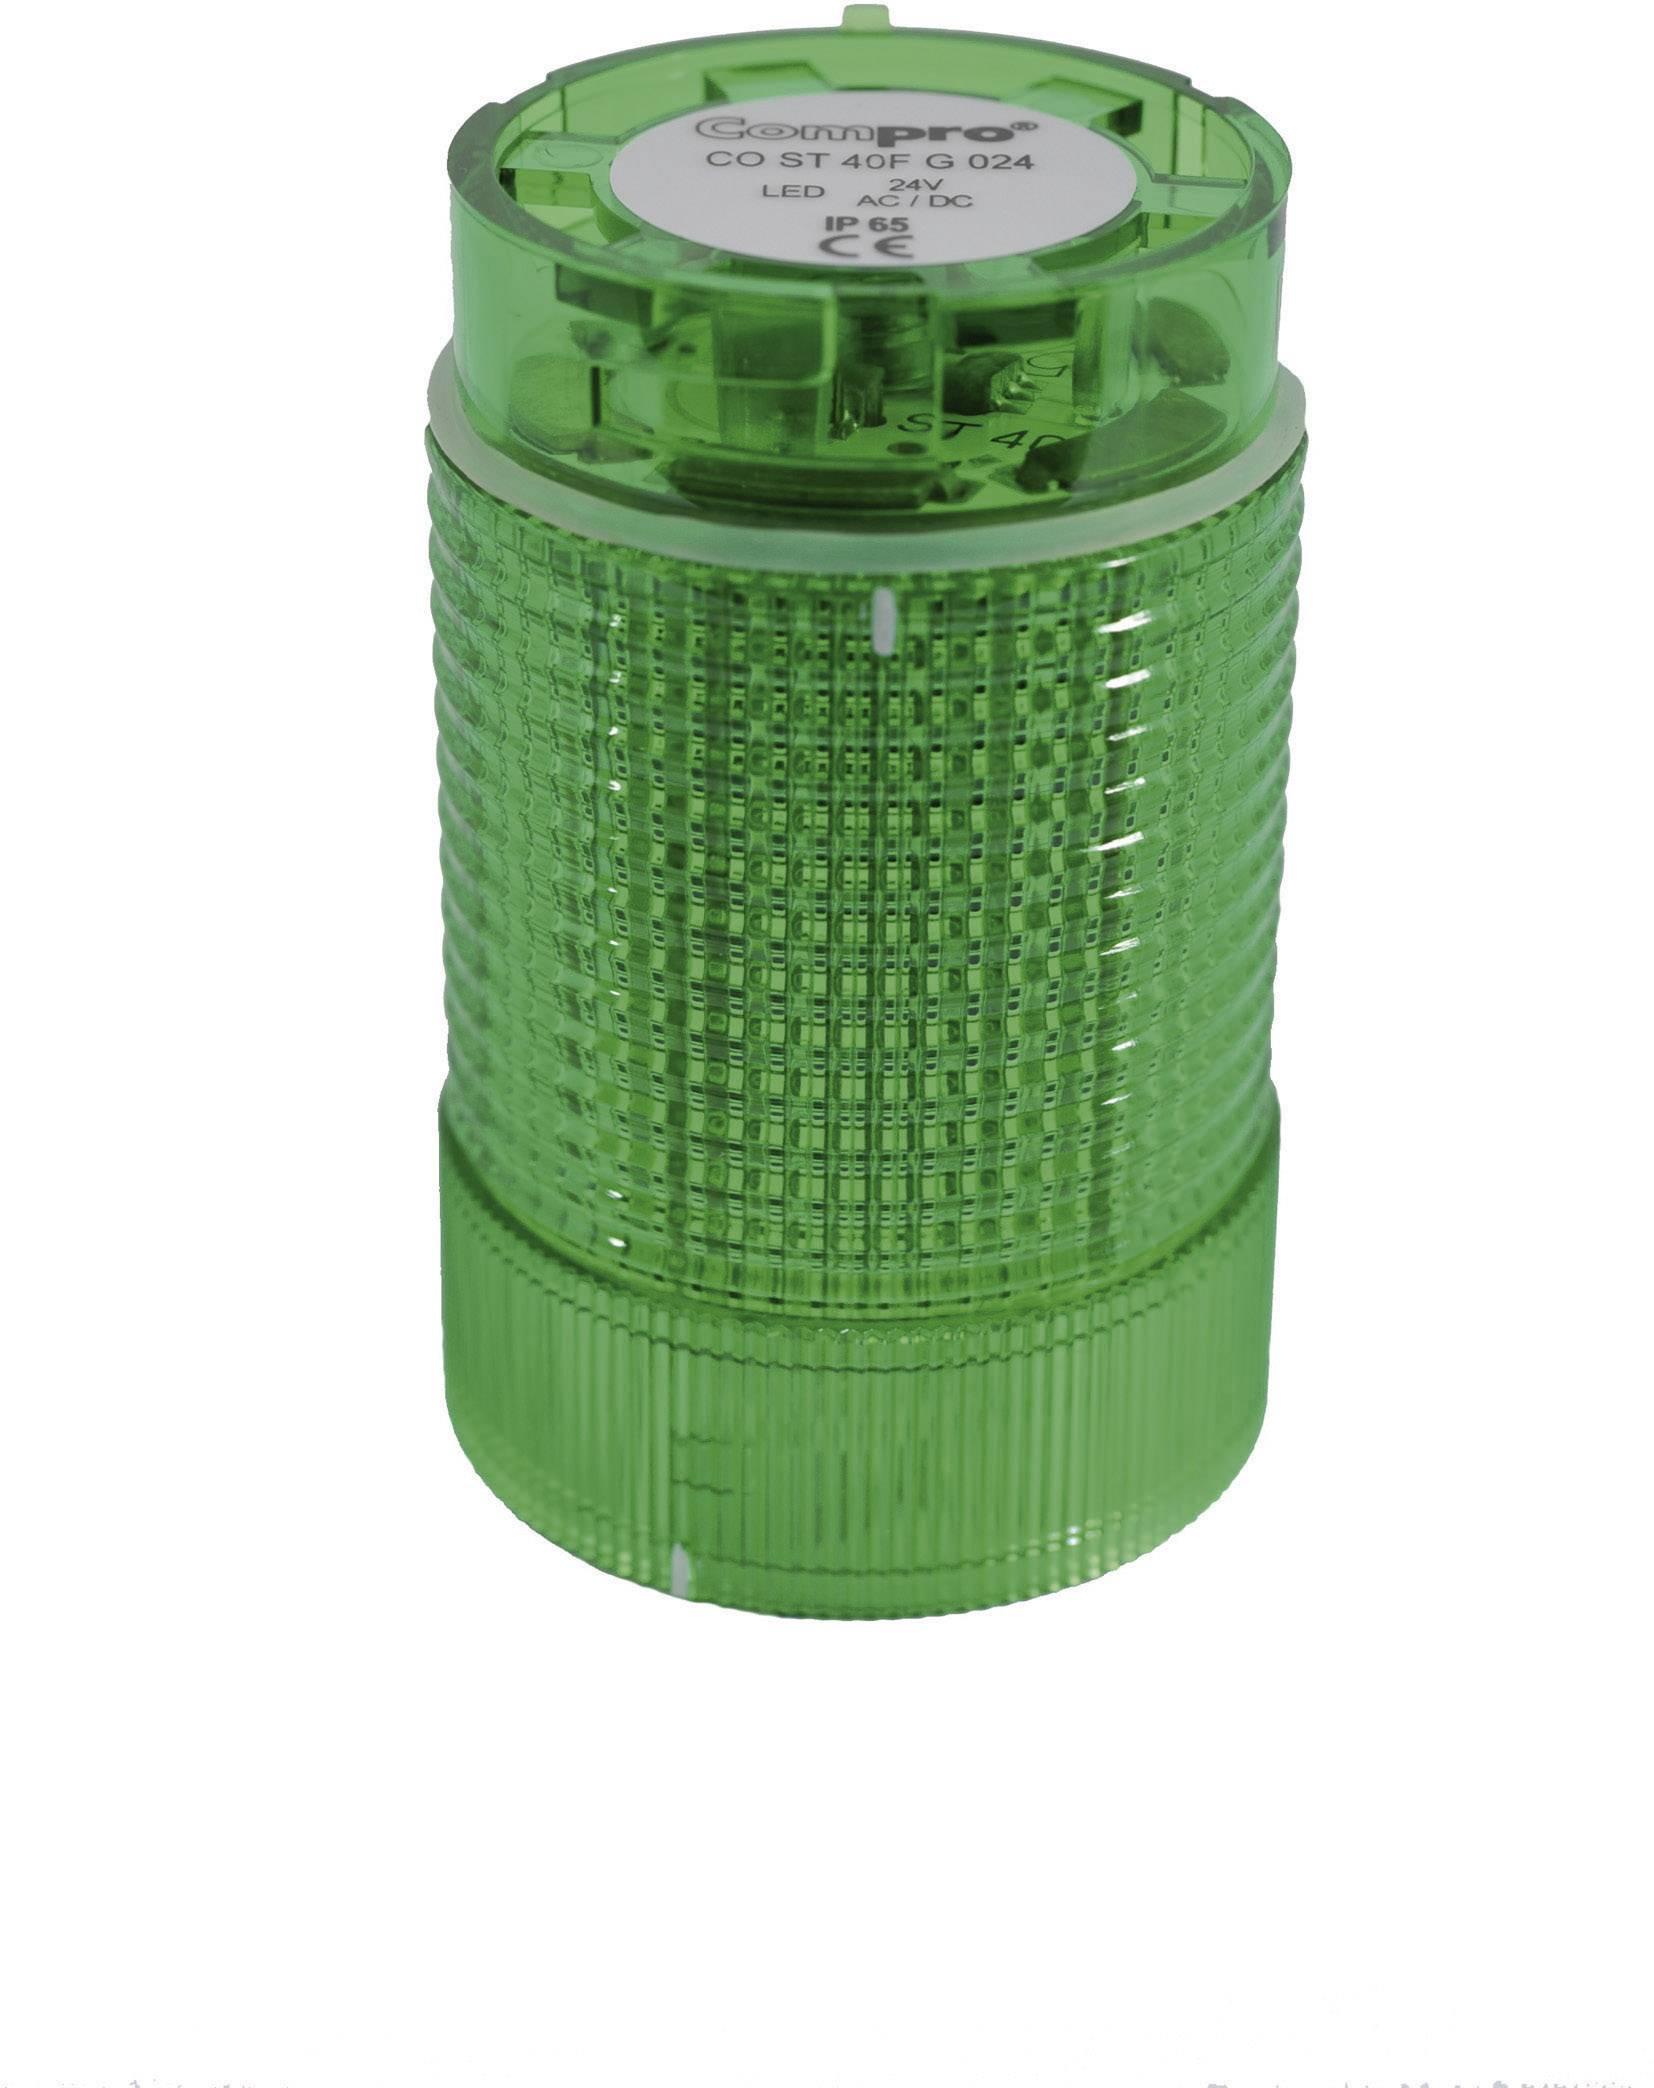 Súčasť signalizačného stĺpika LED ComPro CO ST 40 CO ST 40 GL 024, 75 dB, 24 V/DC, 24 V/AC, trvalé svetlo, blikajúce, zelená